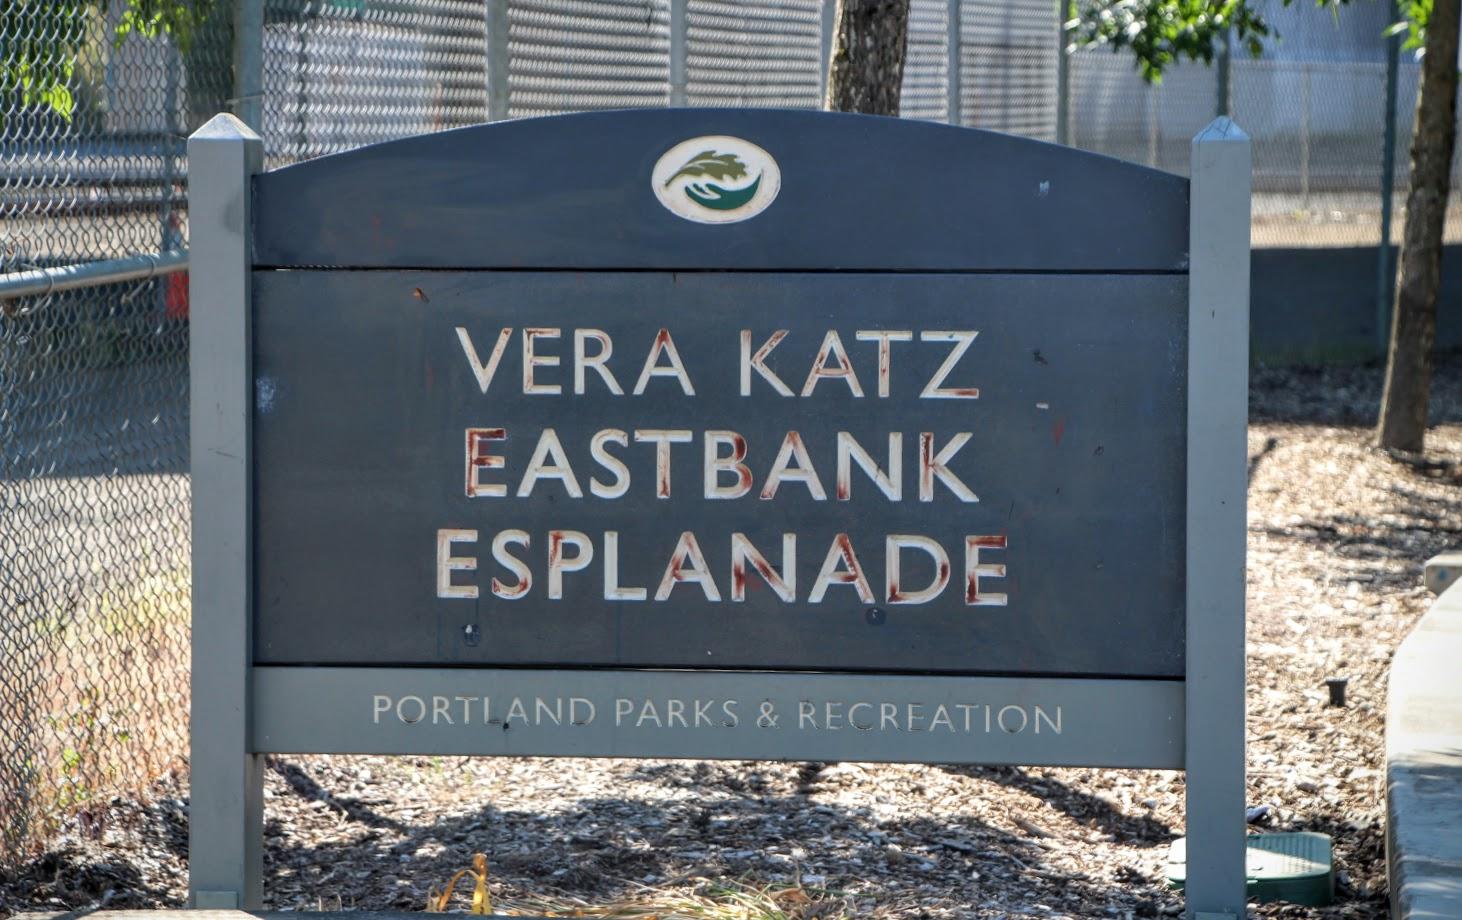 eastbank-esplanade-9